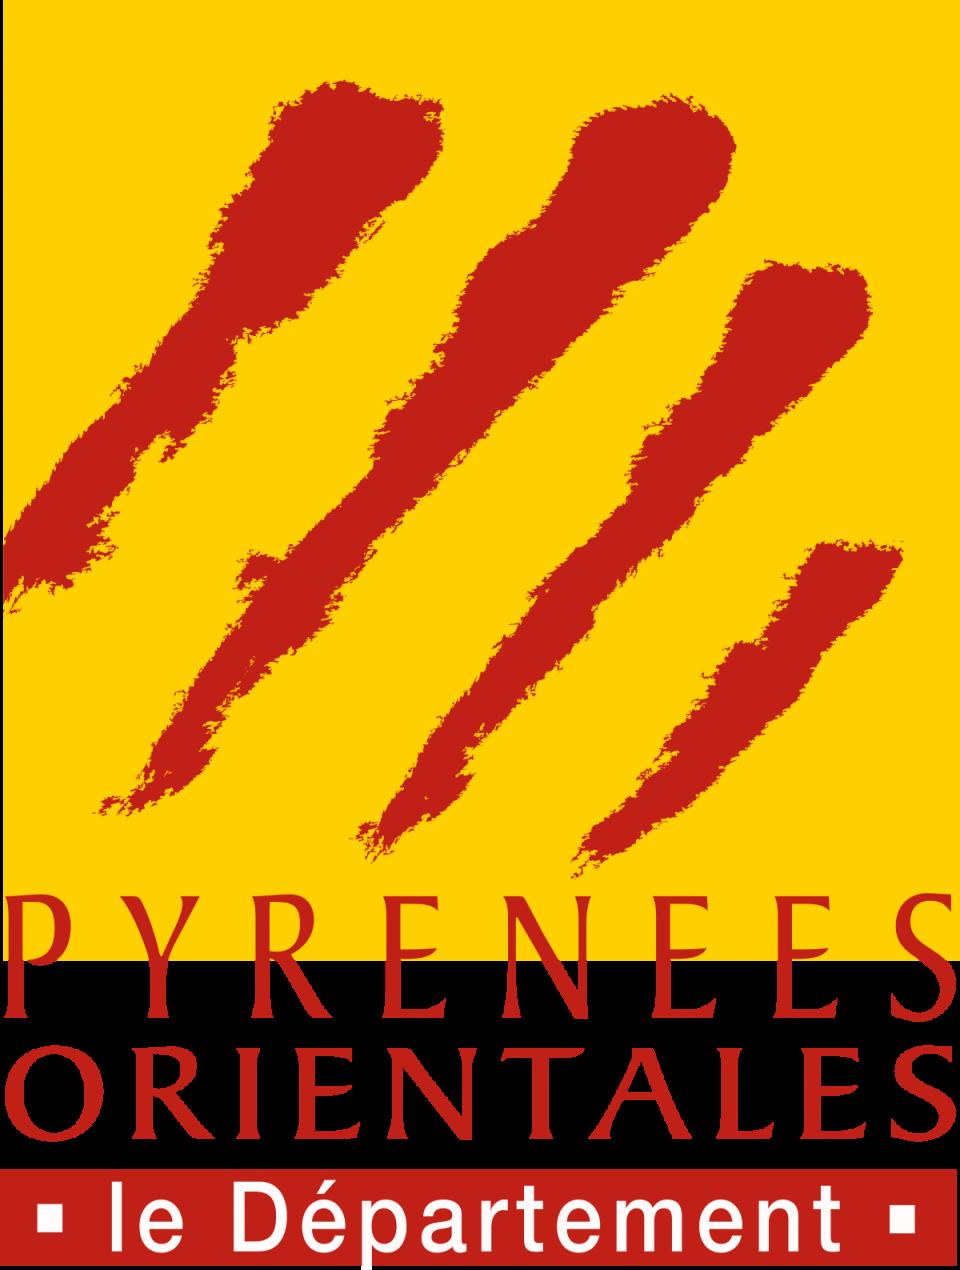 Pyrénées Orientales département